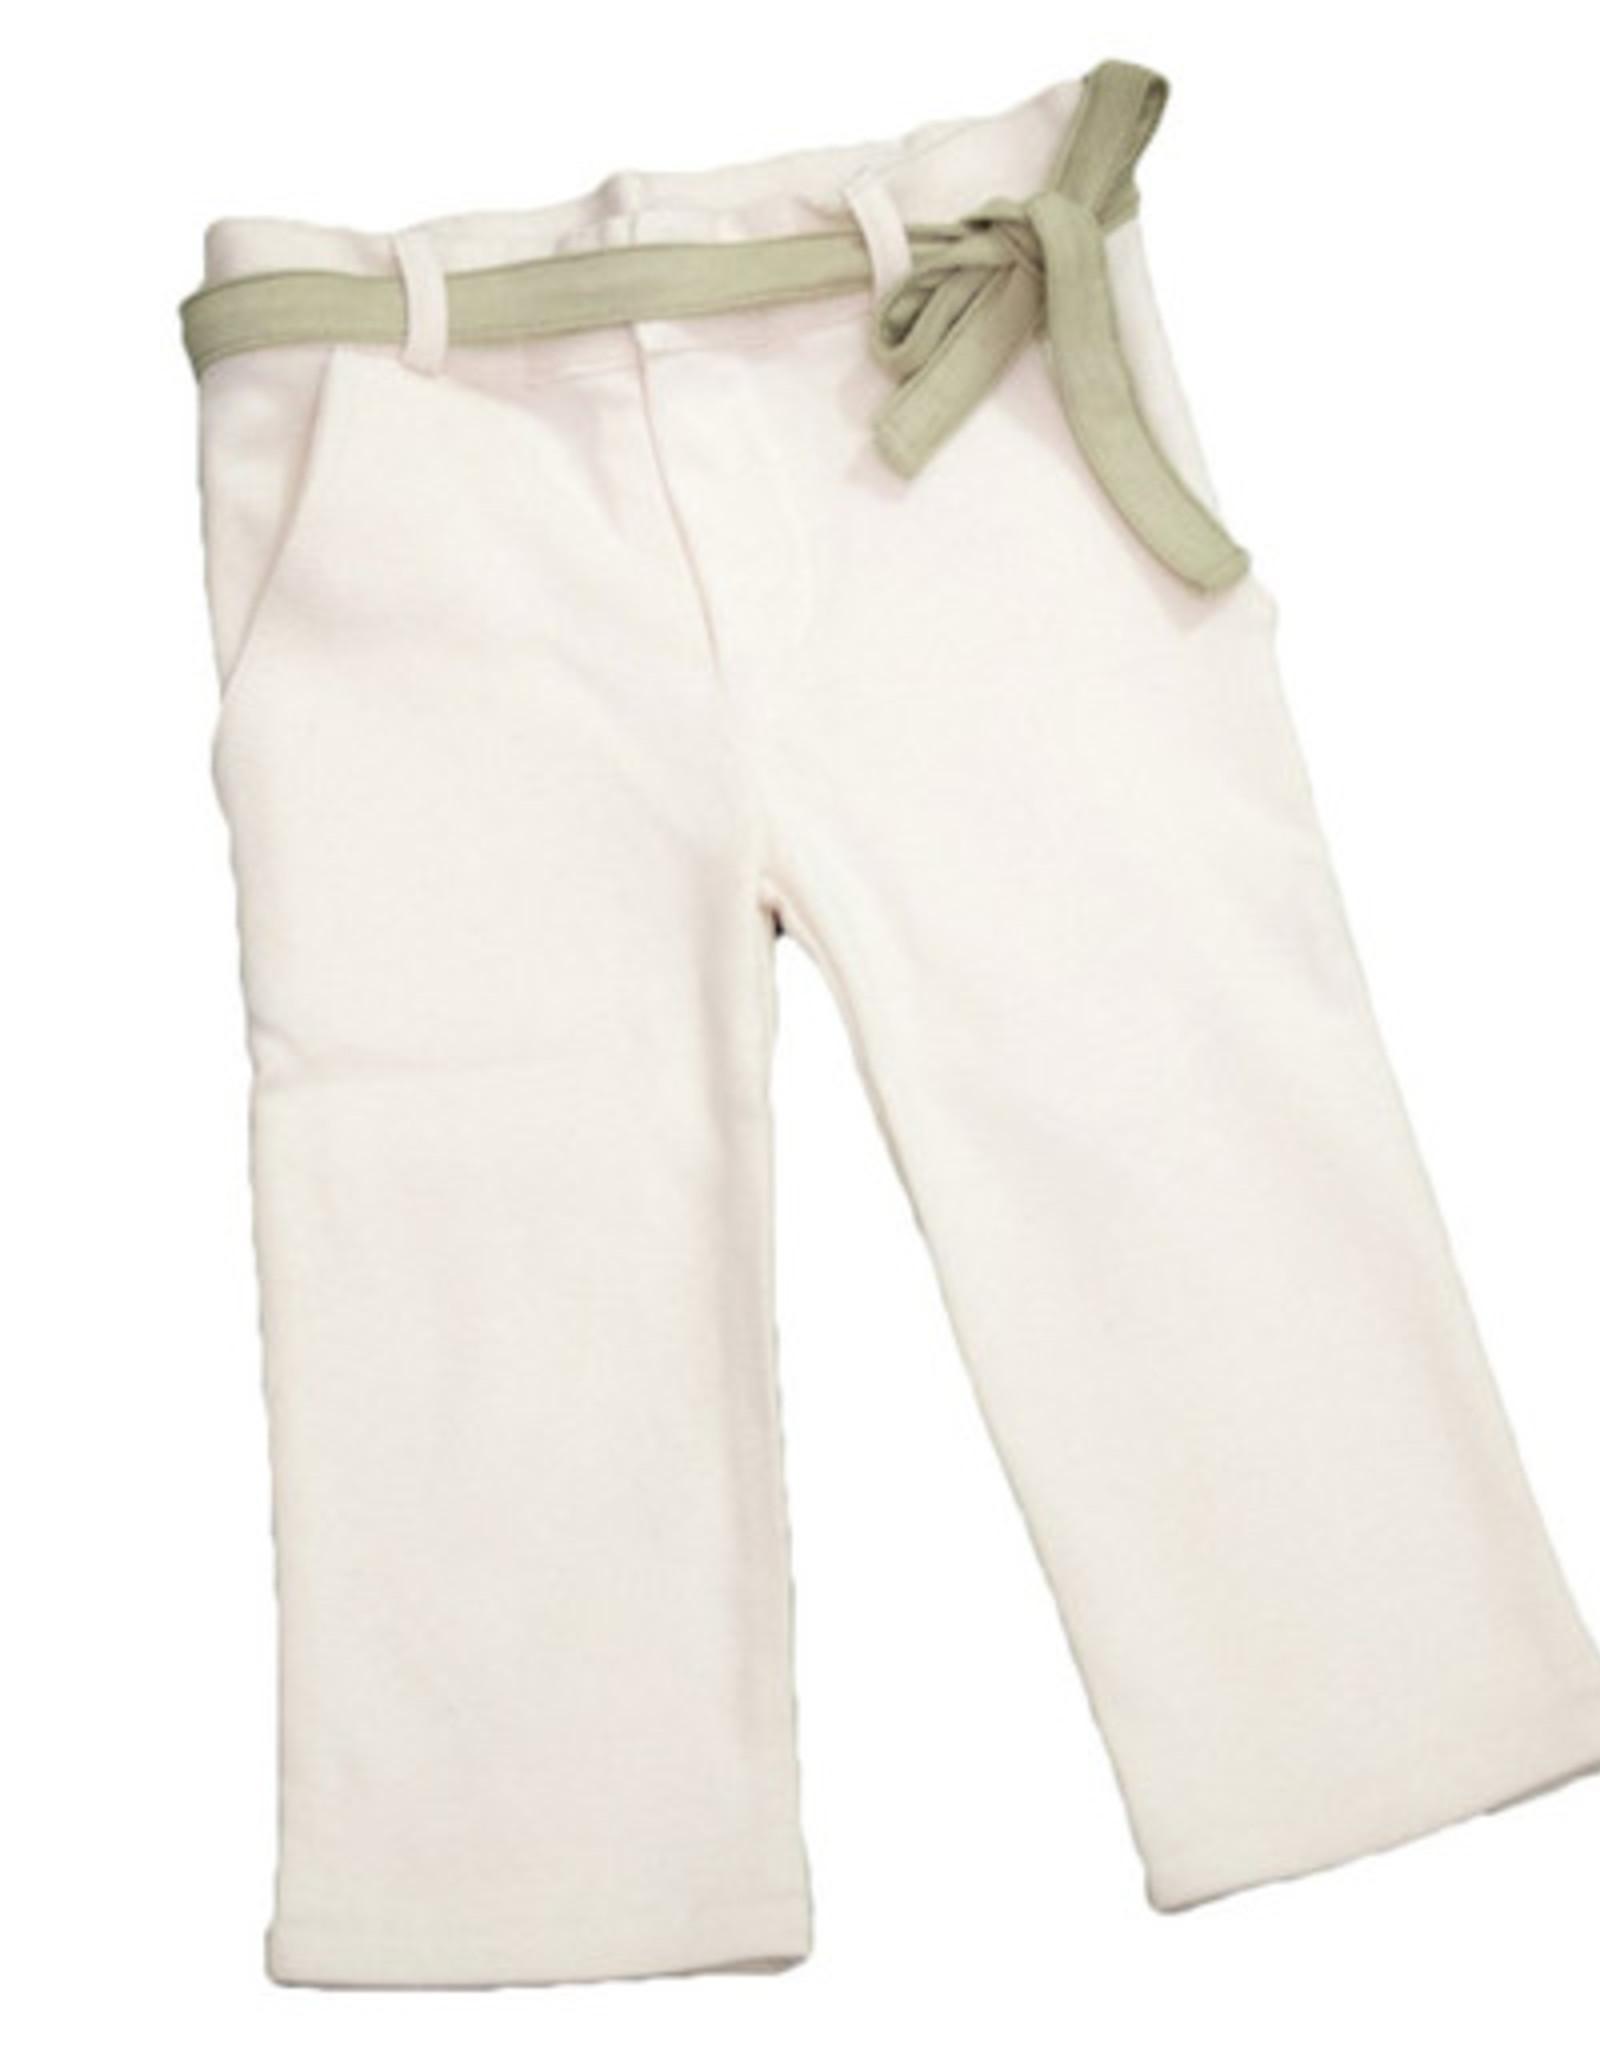 Pantalón junior con cinturón. Tallas 12, 24, 36, 48 meses.